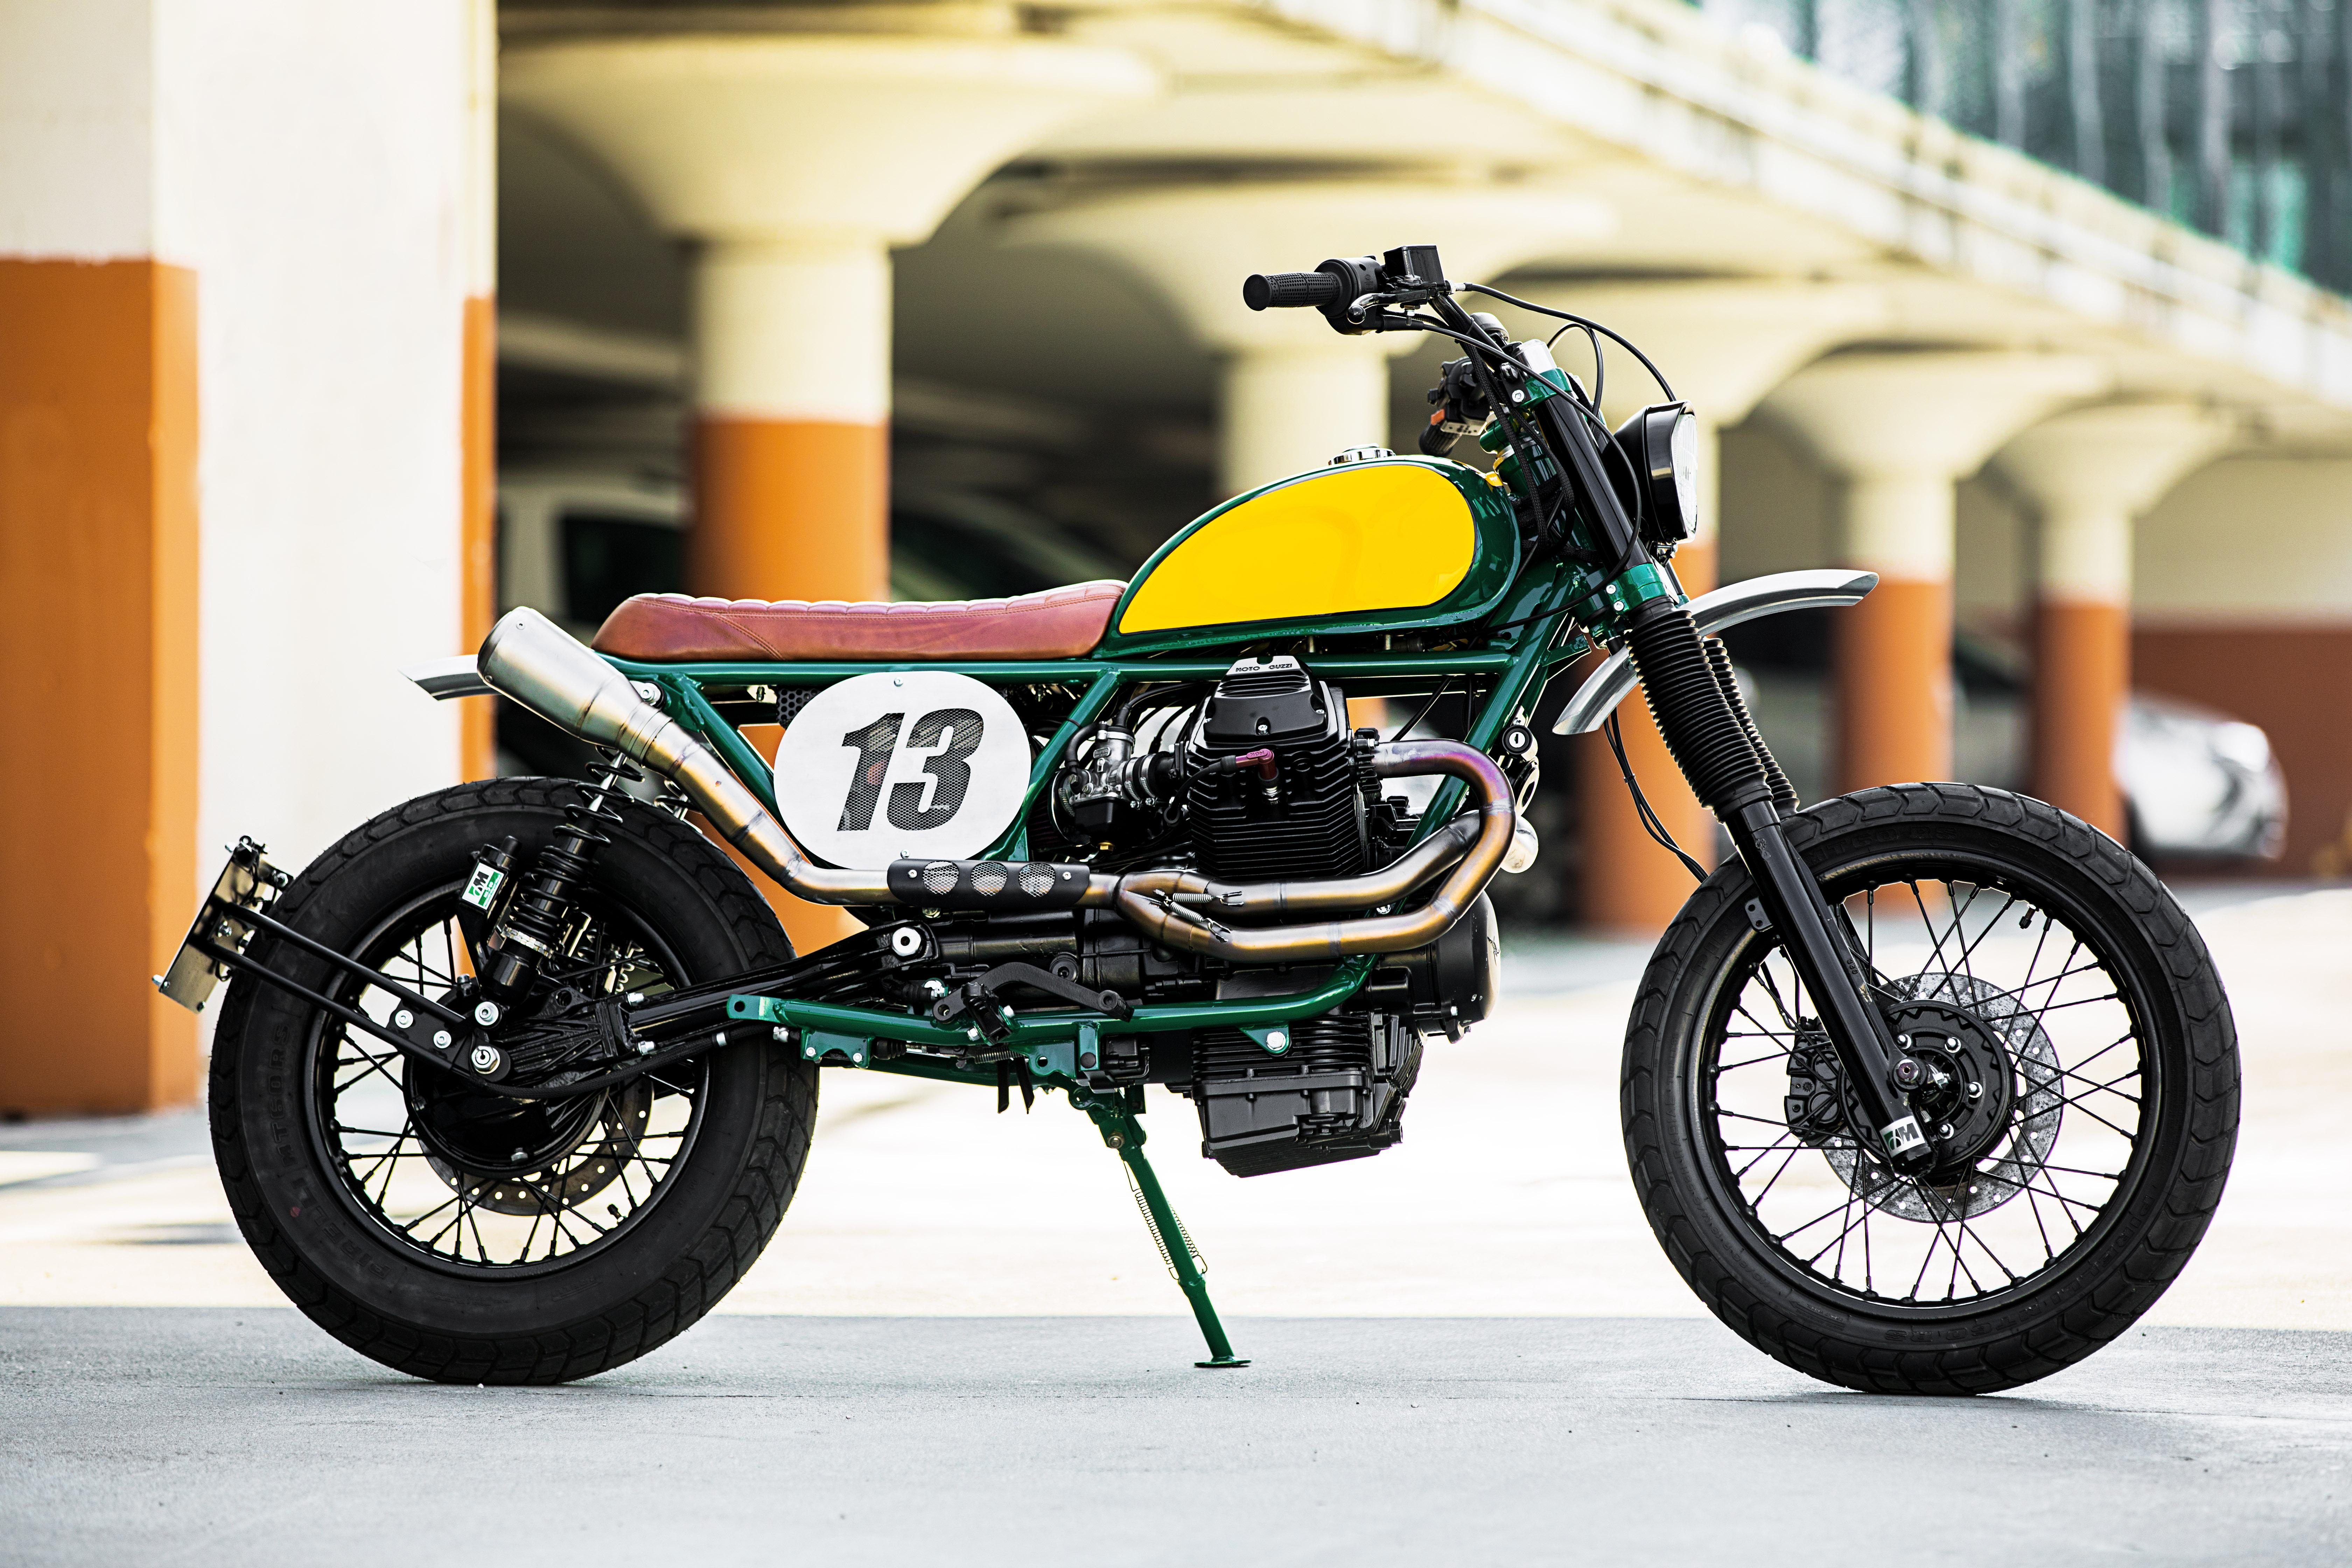 Bombay-13-Moto-Guzzi-Rust-and-Glory-5